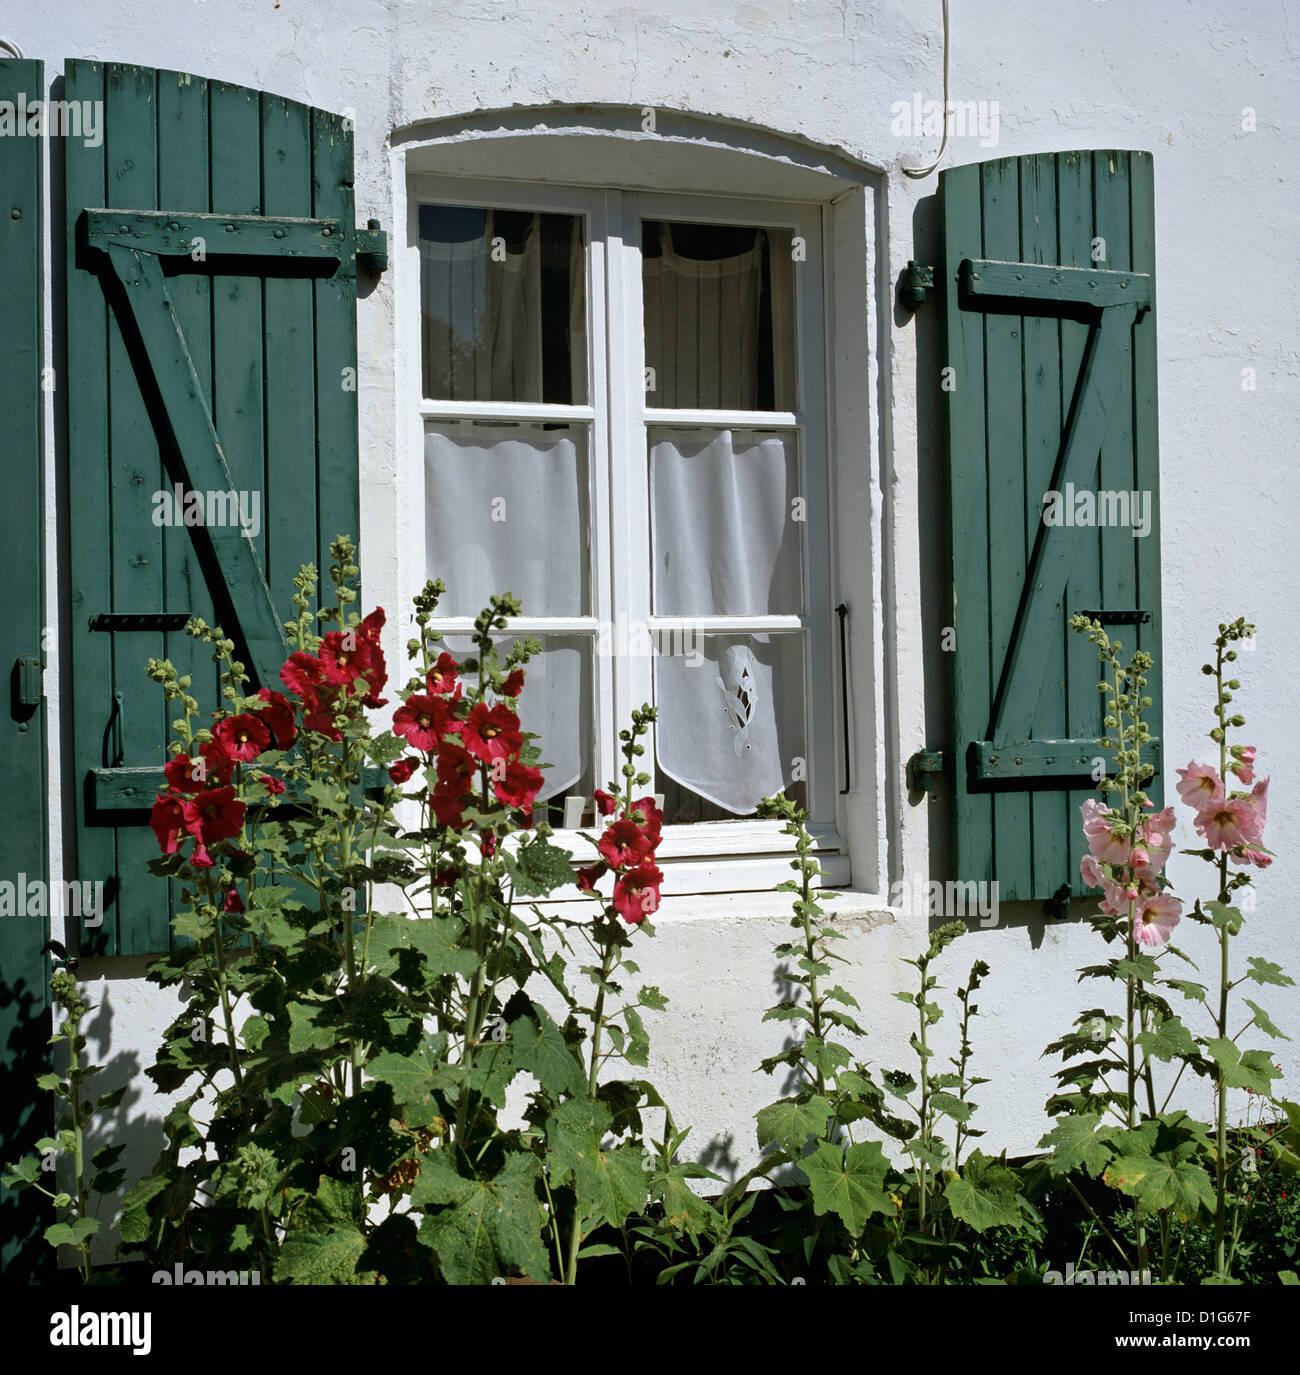 Scène typique de fenêtres à volets et roses trémières, Saint Martin, Ile de Ré, Poitou Photo Stock